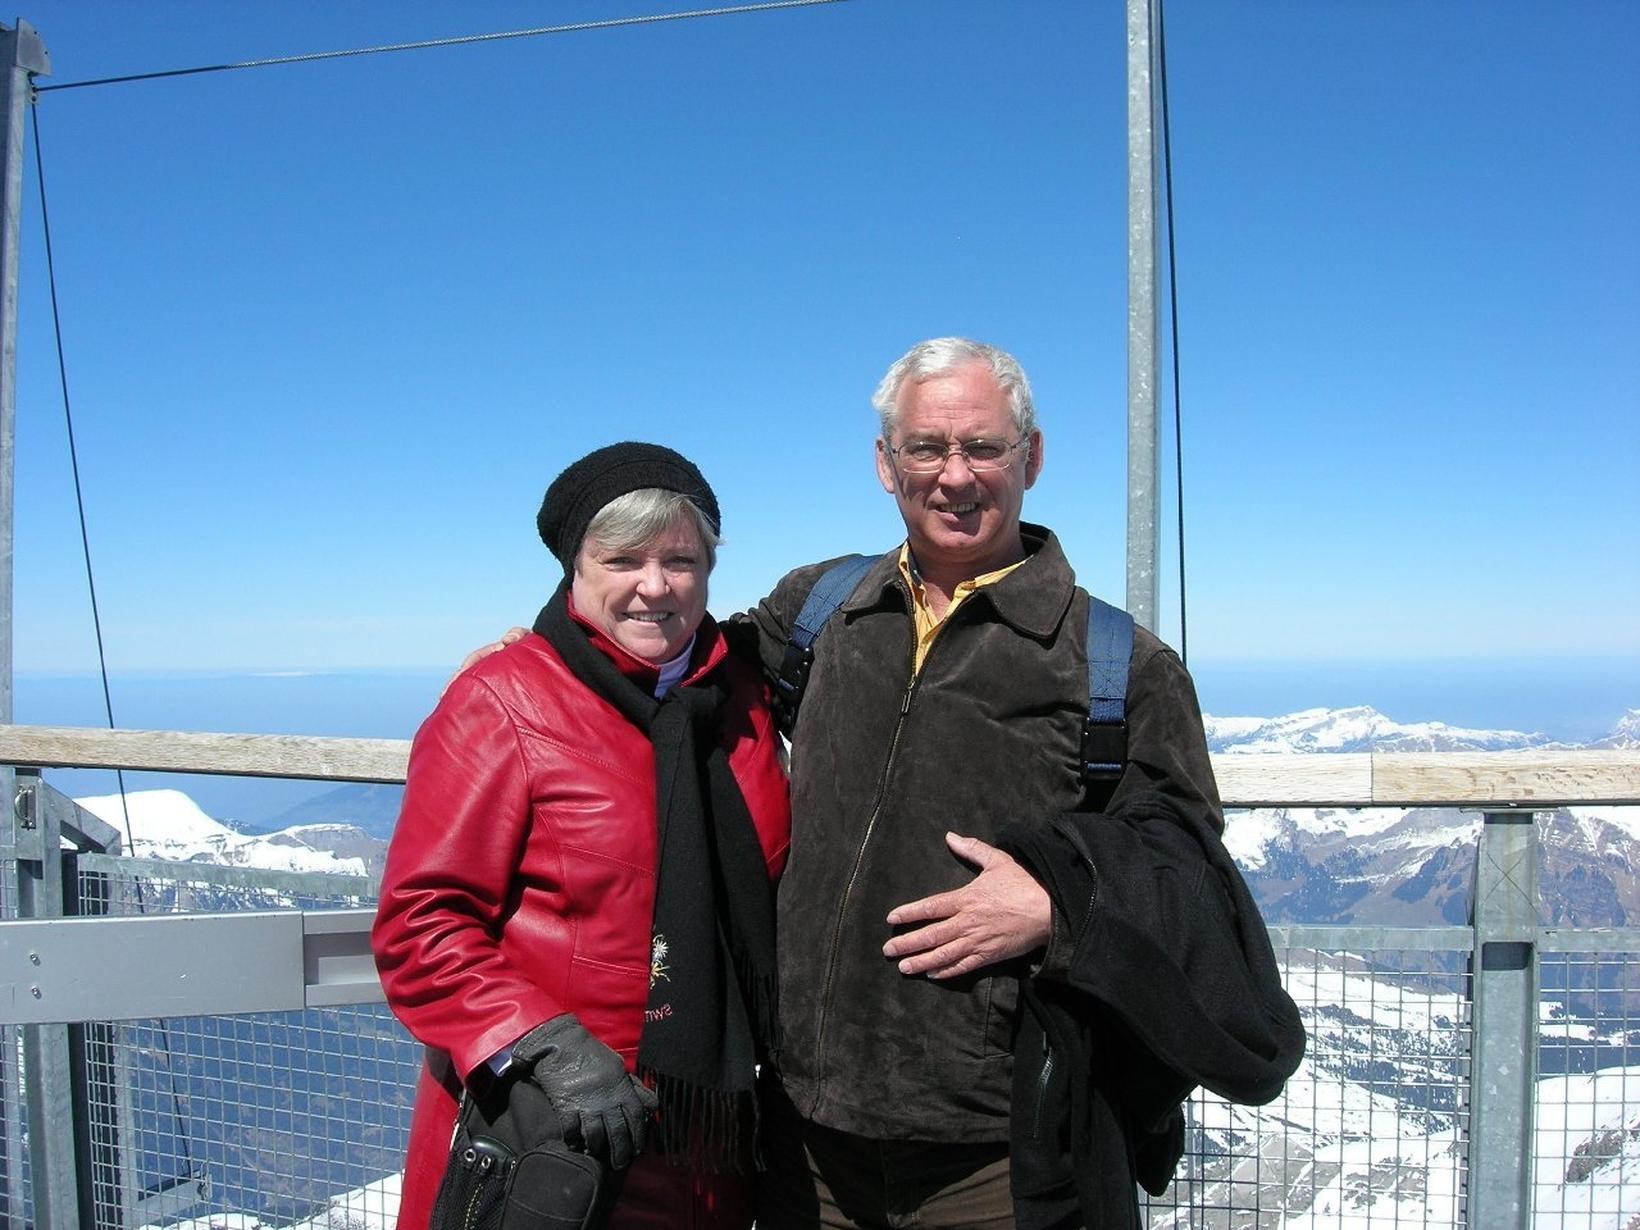 Sally & Patrick from Ottawa, Ontario, Canada